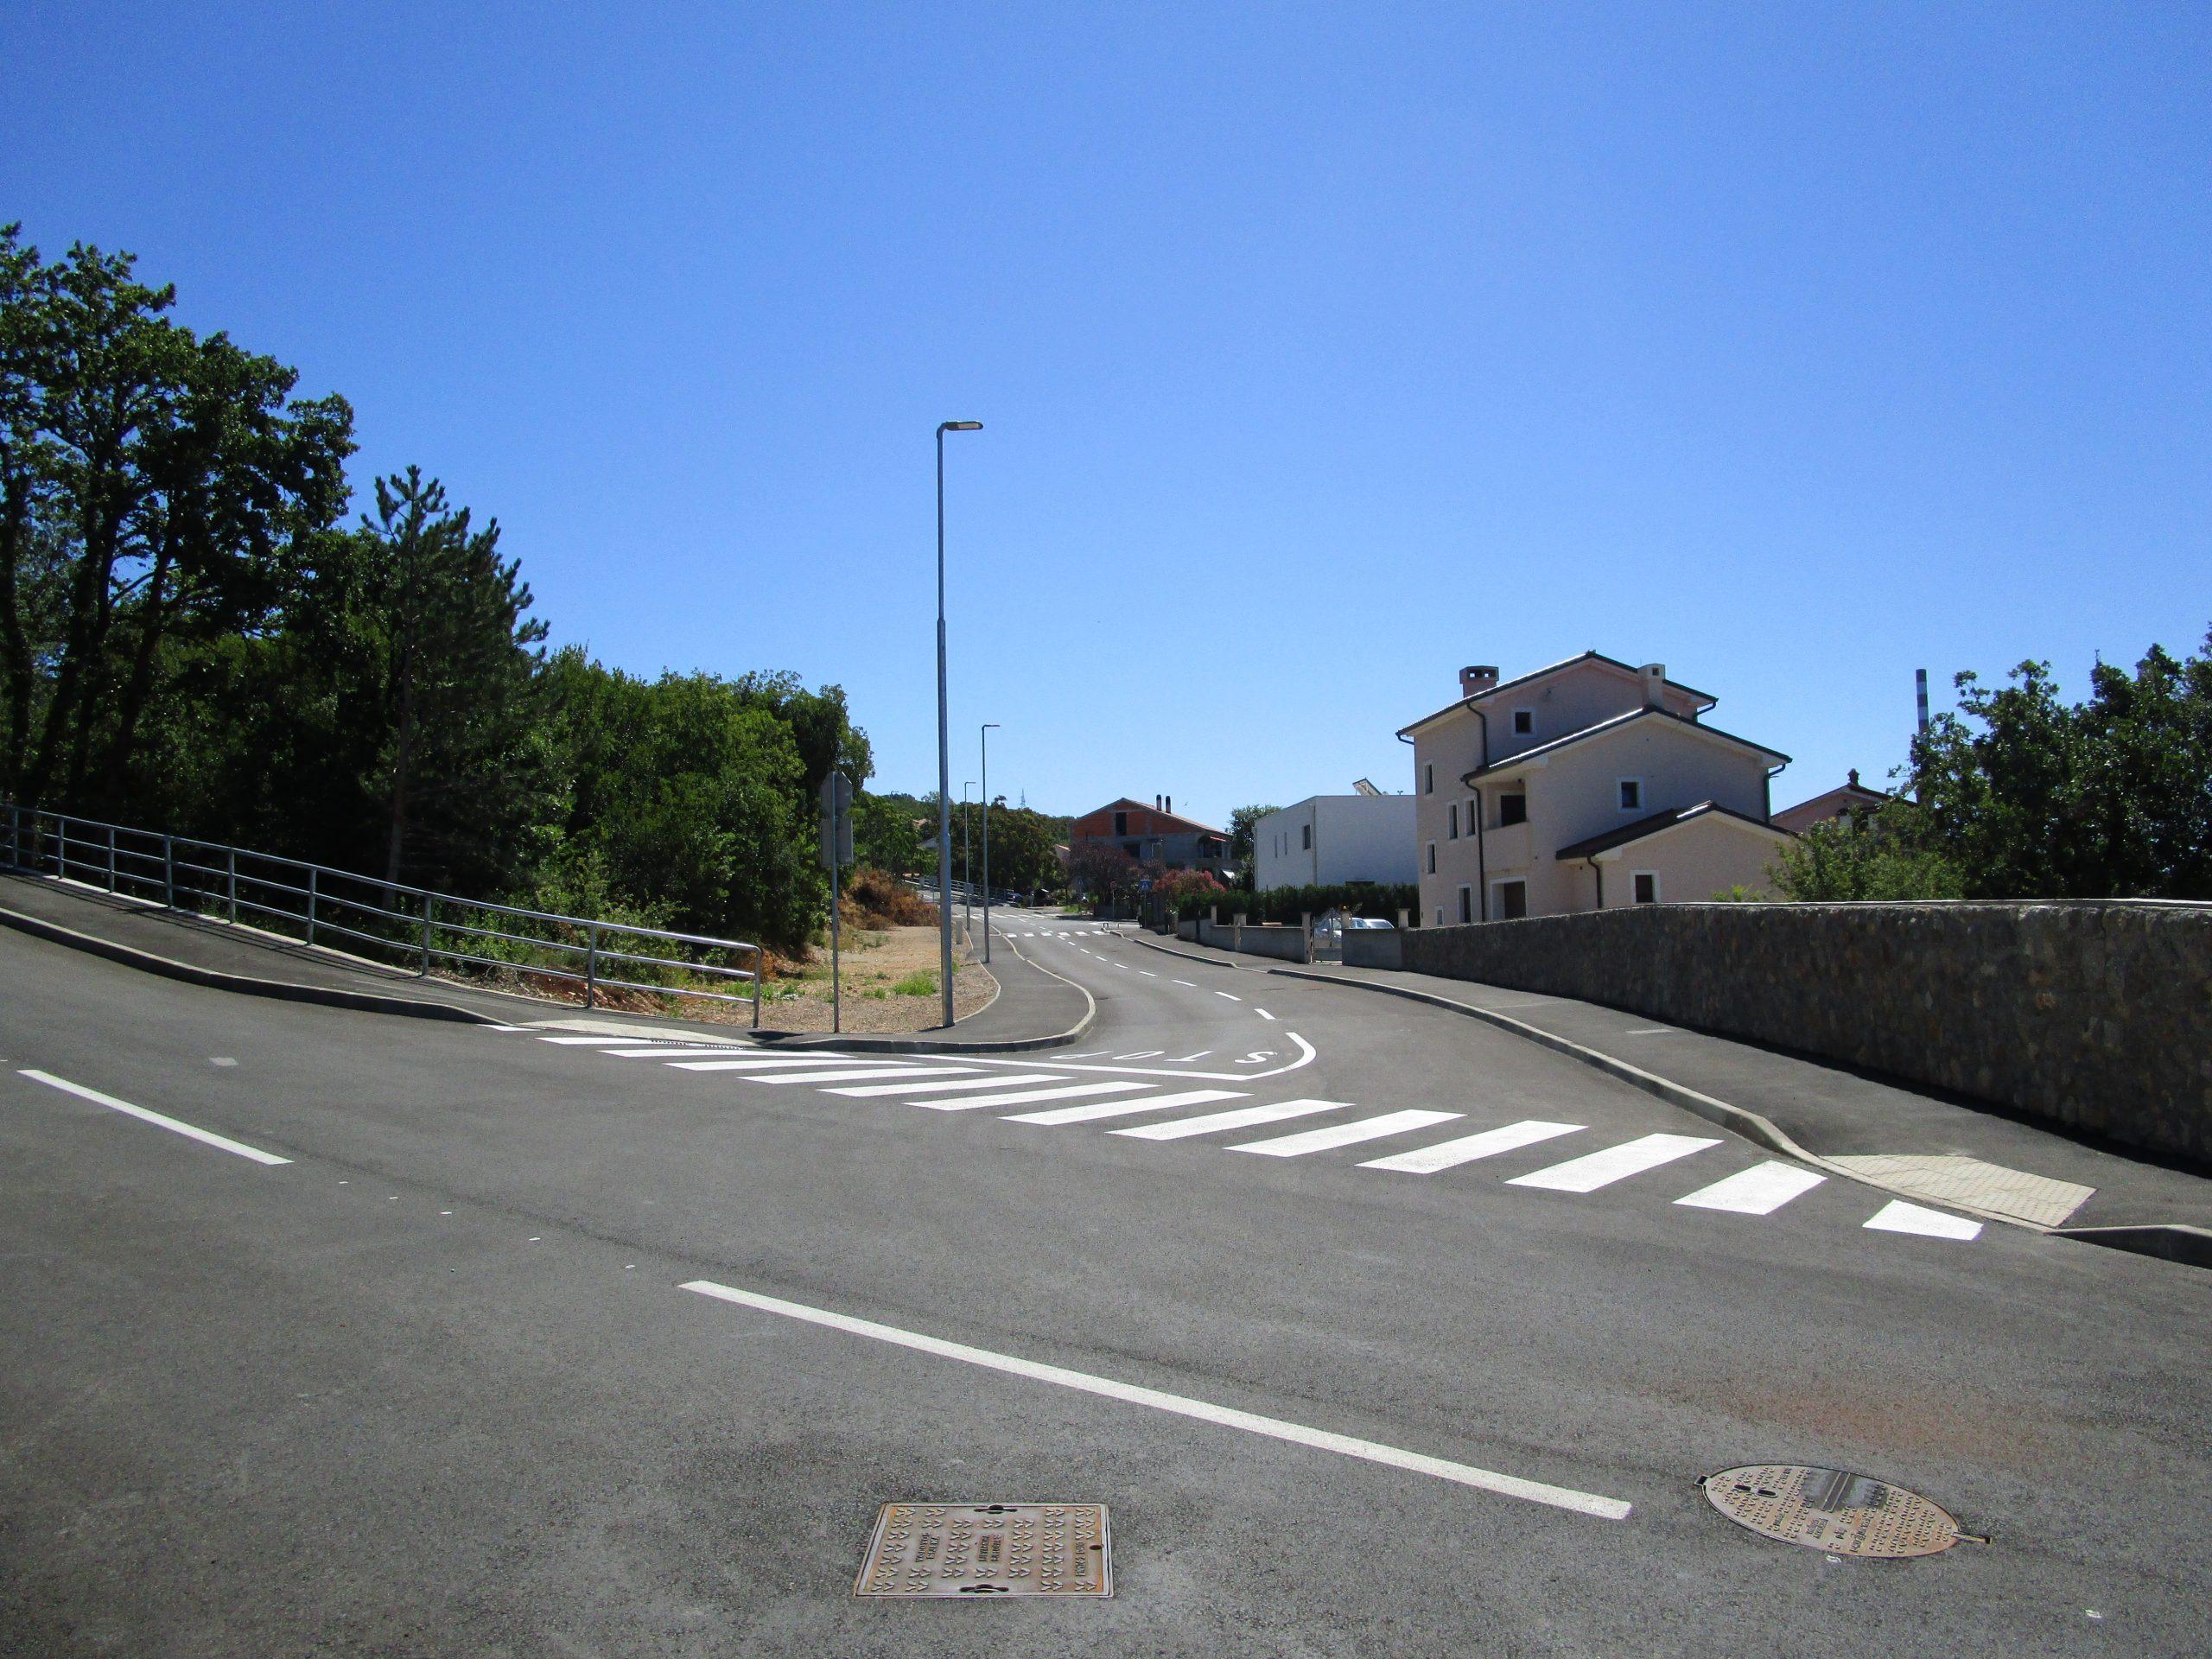 Cesta je kompletno opremljena svom infrastrukturom / NL arhiva